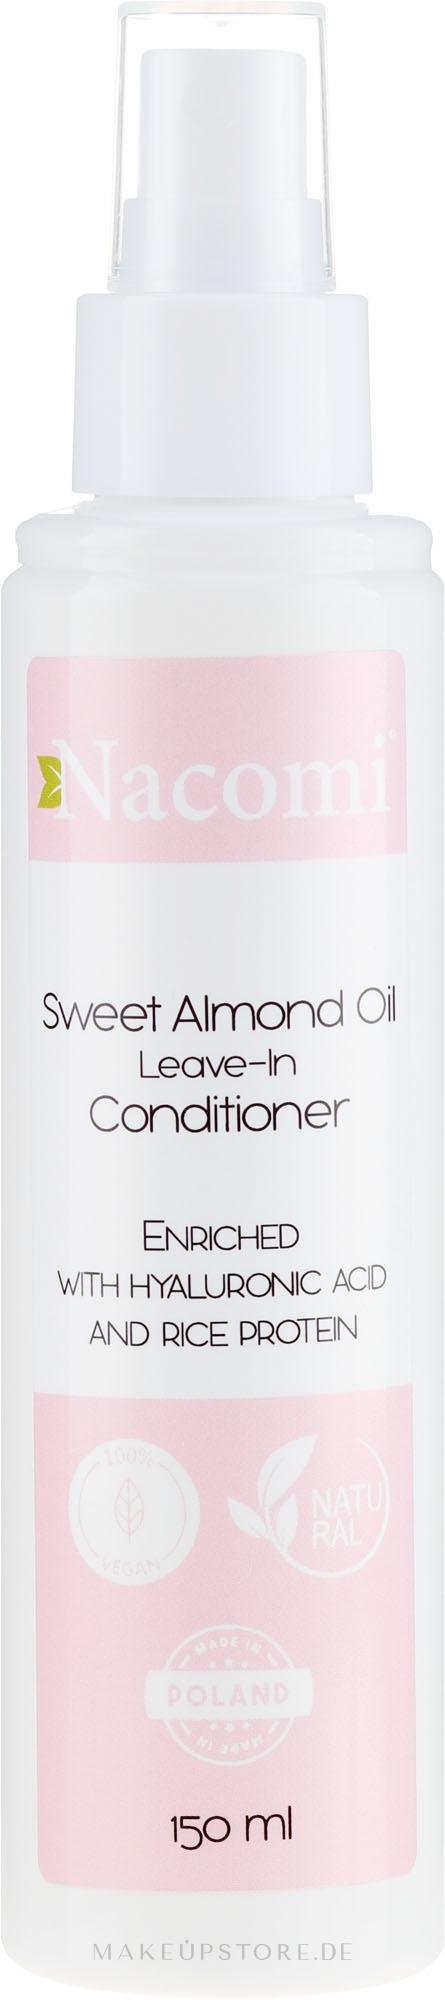 Conditioner mit Mandelöl und Hyaluronsäure ohne Ausspülen - Nacomi No-Rinse With Sweet Almond & Hyaluronic Acid Conditioner — Bild 150 ml